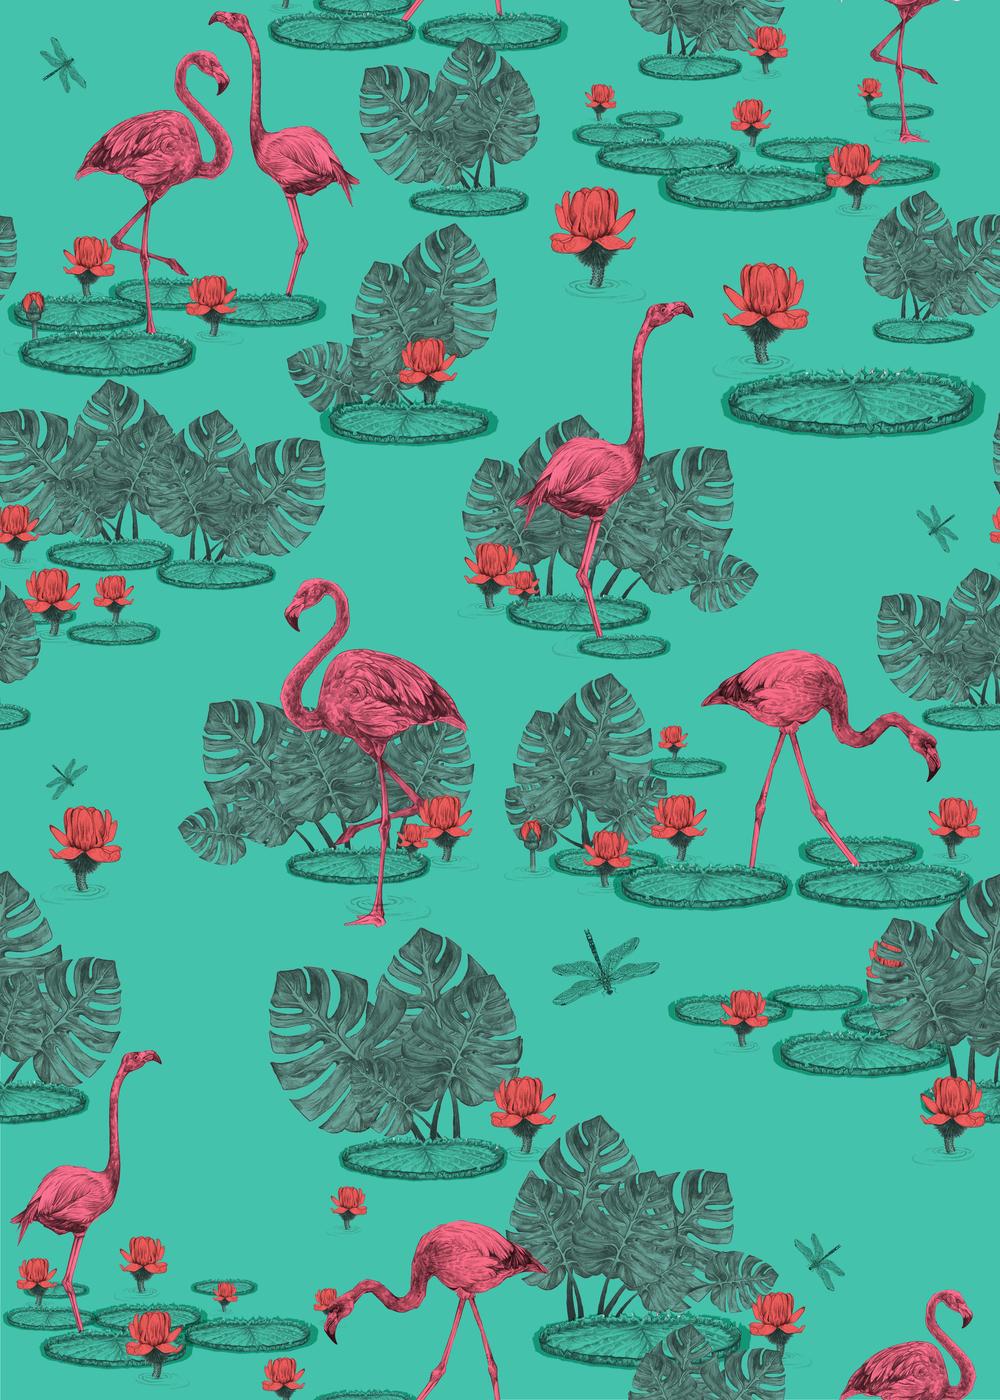 Palm Springs - Florida Flamingos cushion cover design